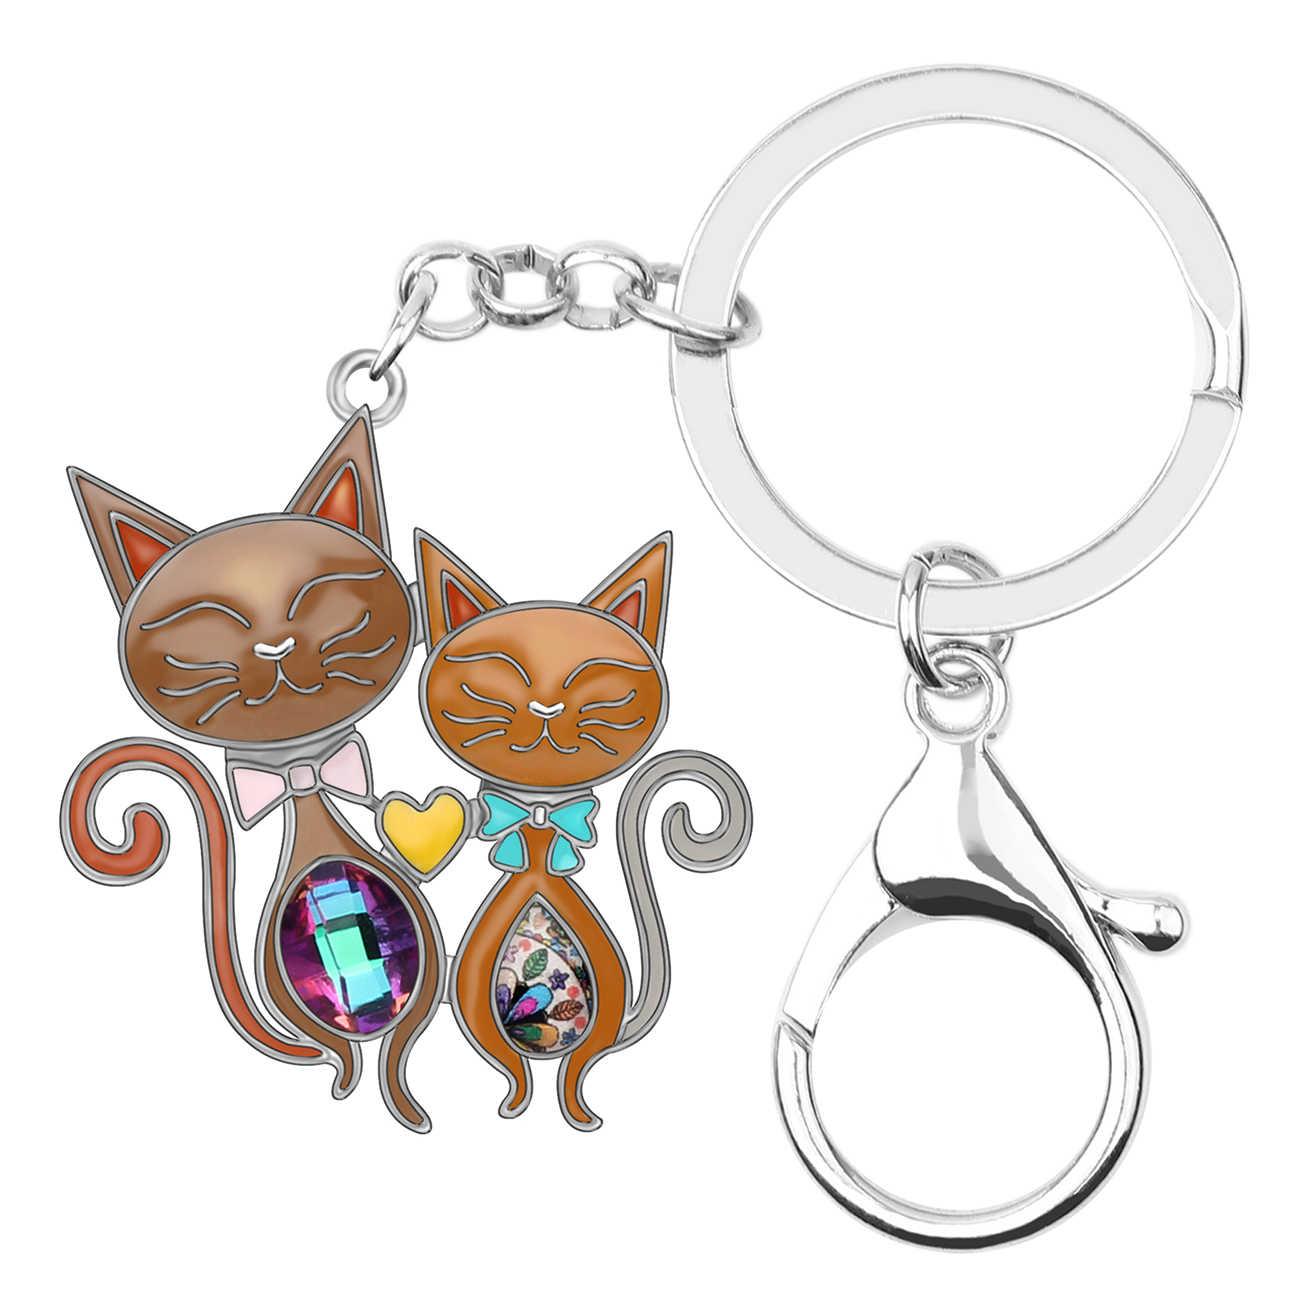 Bonsny Эмаль сплав Бабочка брелки для ключей кольцо для ключей модные ювелирные изделия для женщин девочек Сумочка Подвеска Подвески Украшения